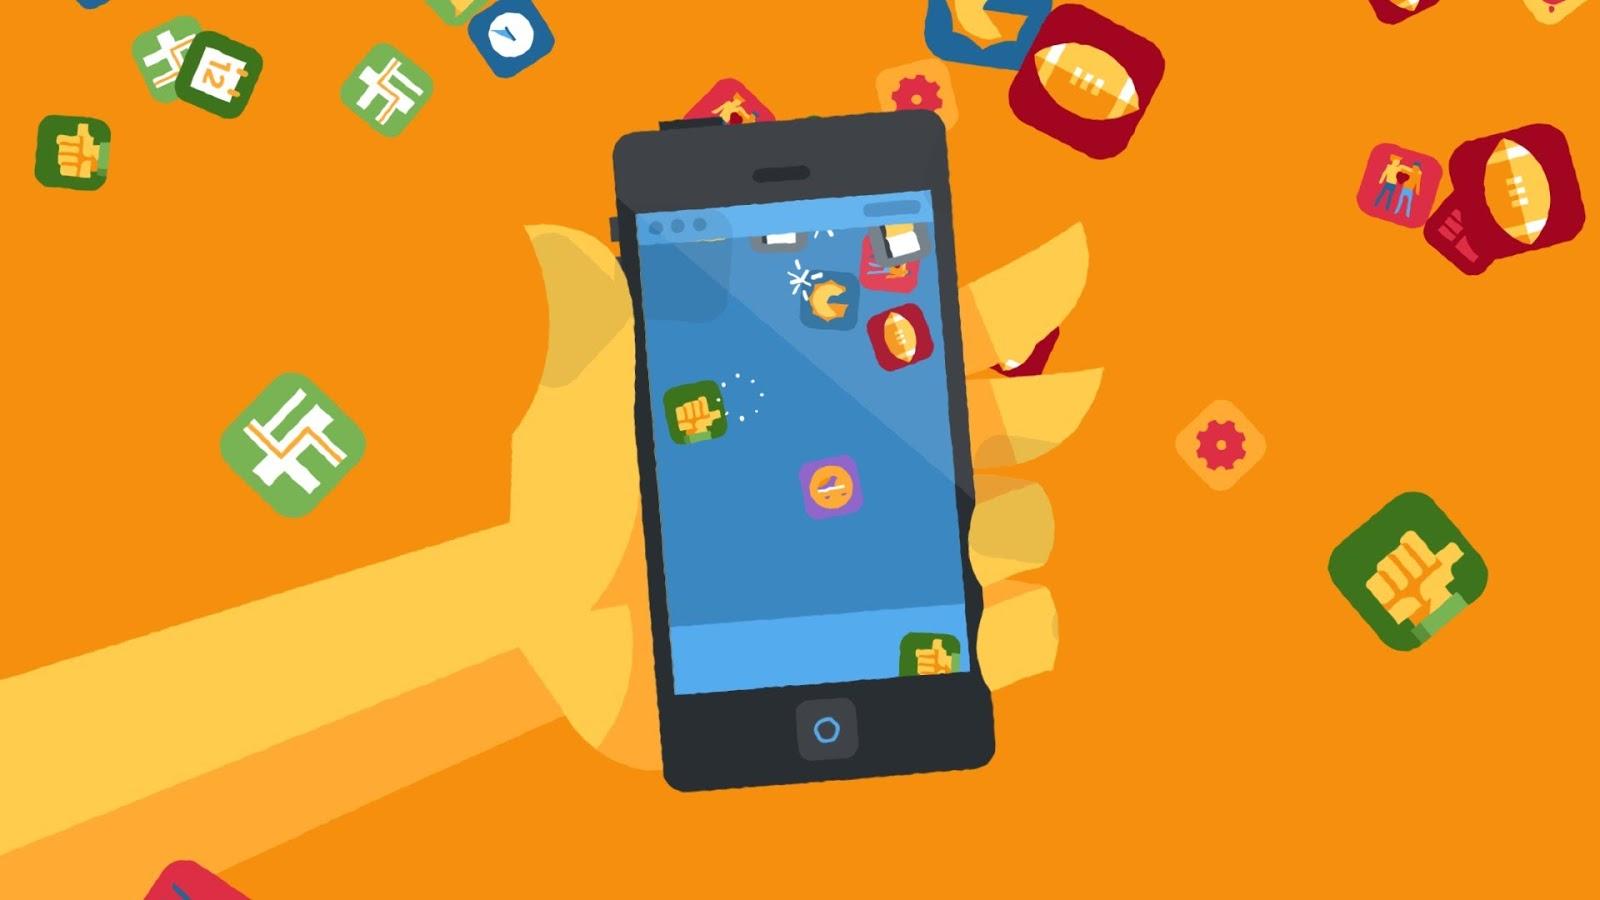 Kiếm bộn tiền từ việc bán hàng trên smart phone - hoc24h.net